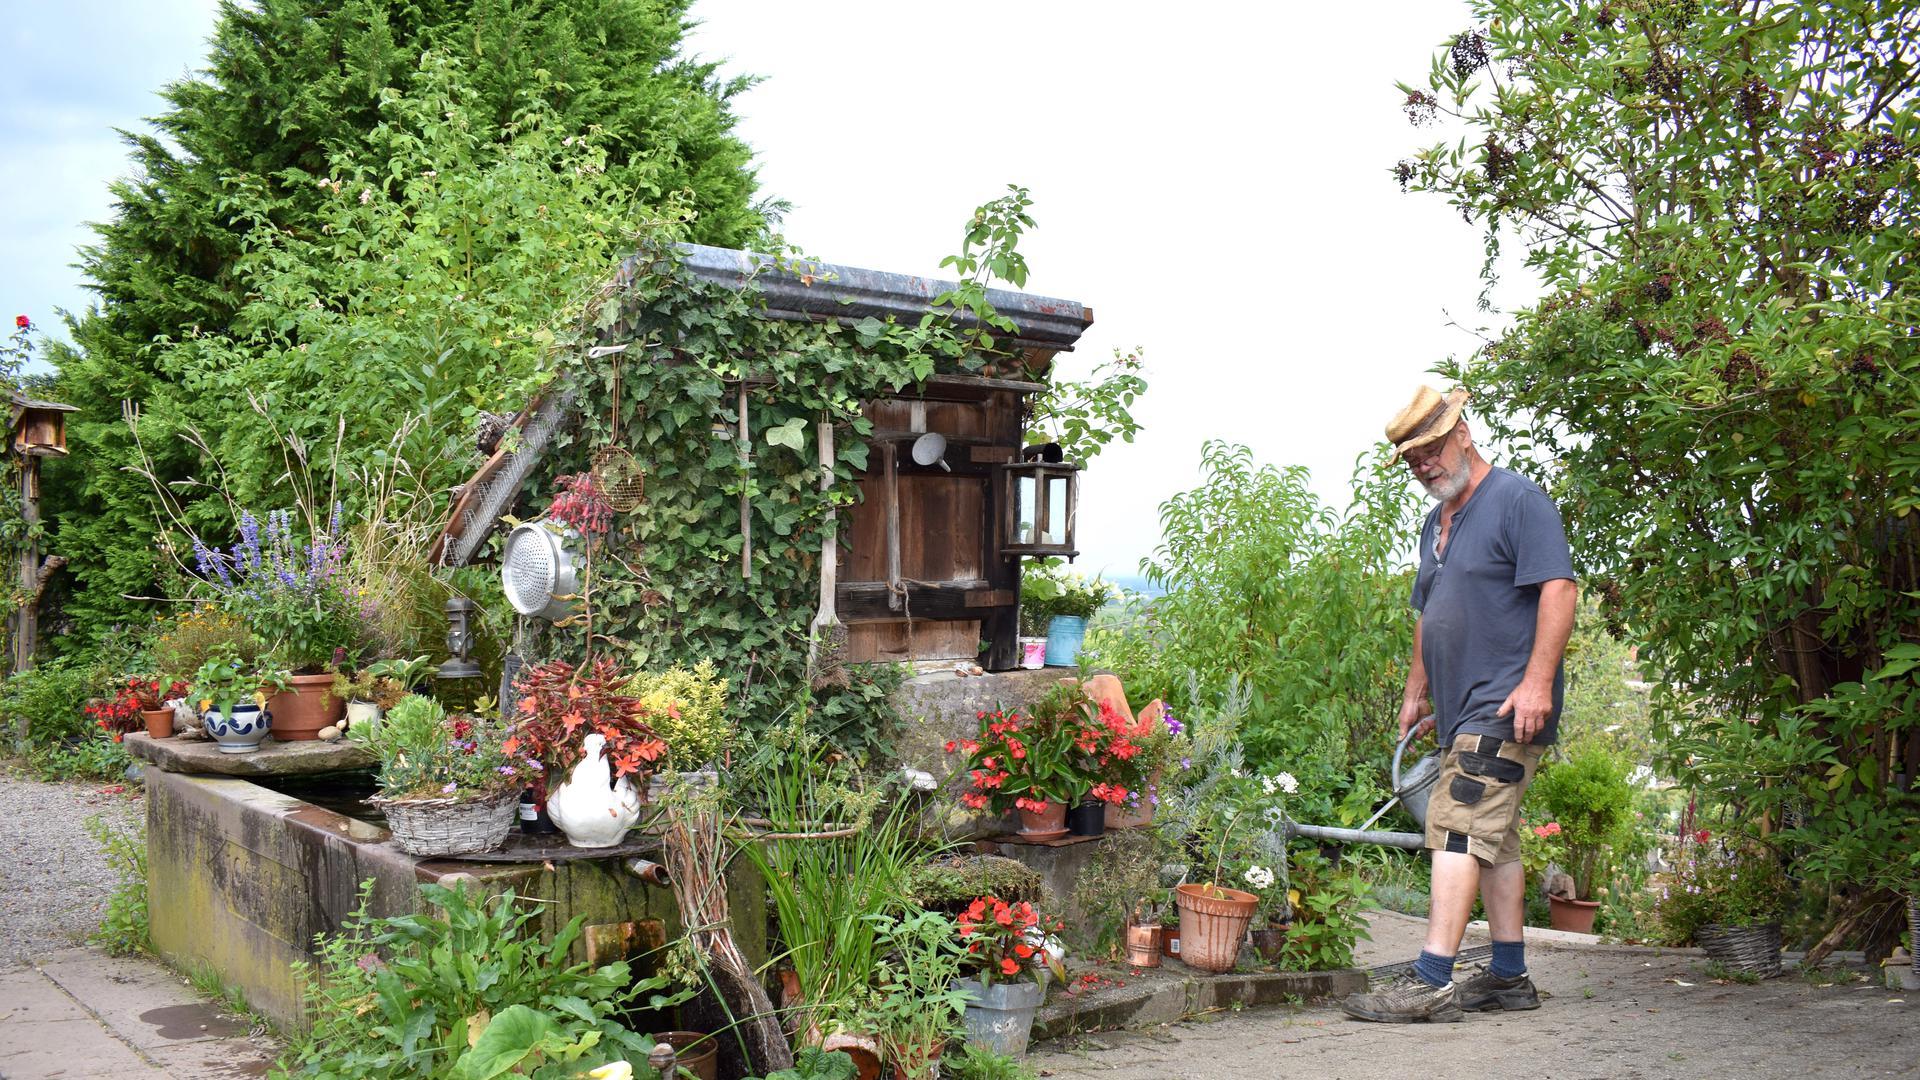 Garten In Sasbachwalden Wird Liebevoll Gepflegt Wer Macht Sich So Viel Arbeit